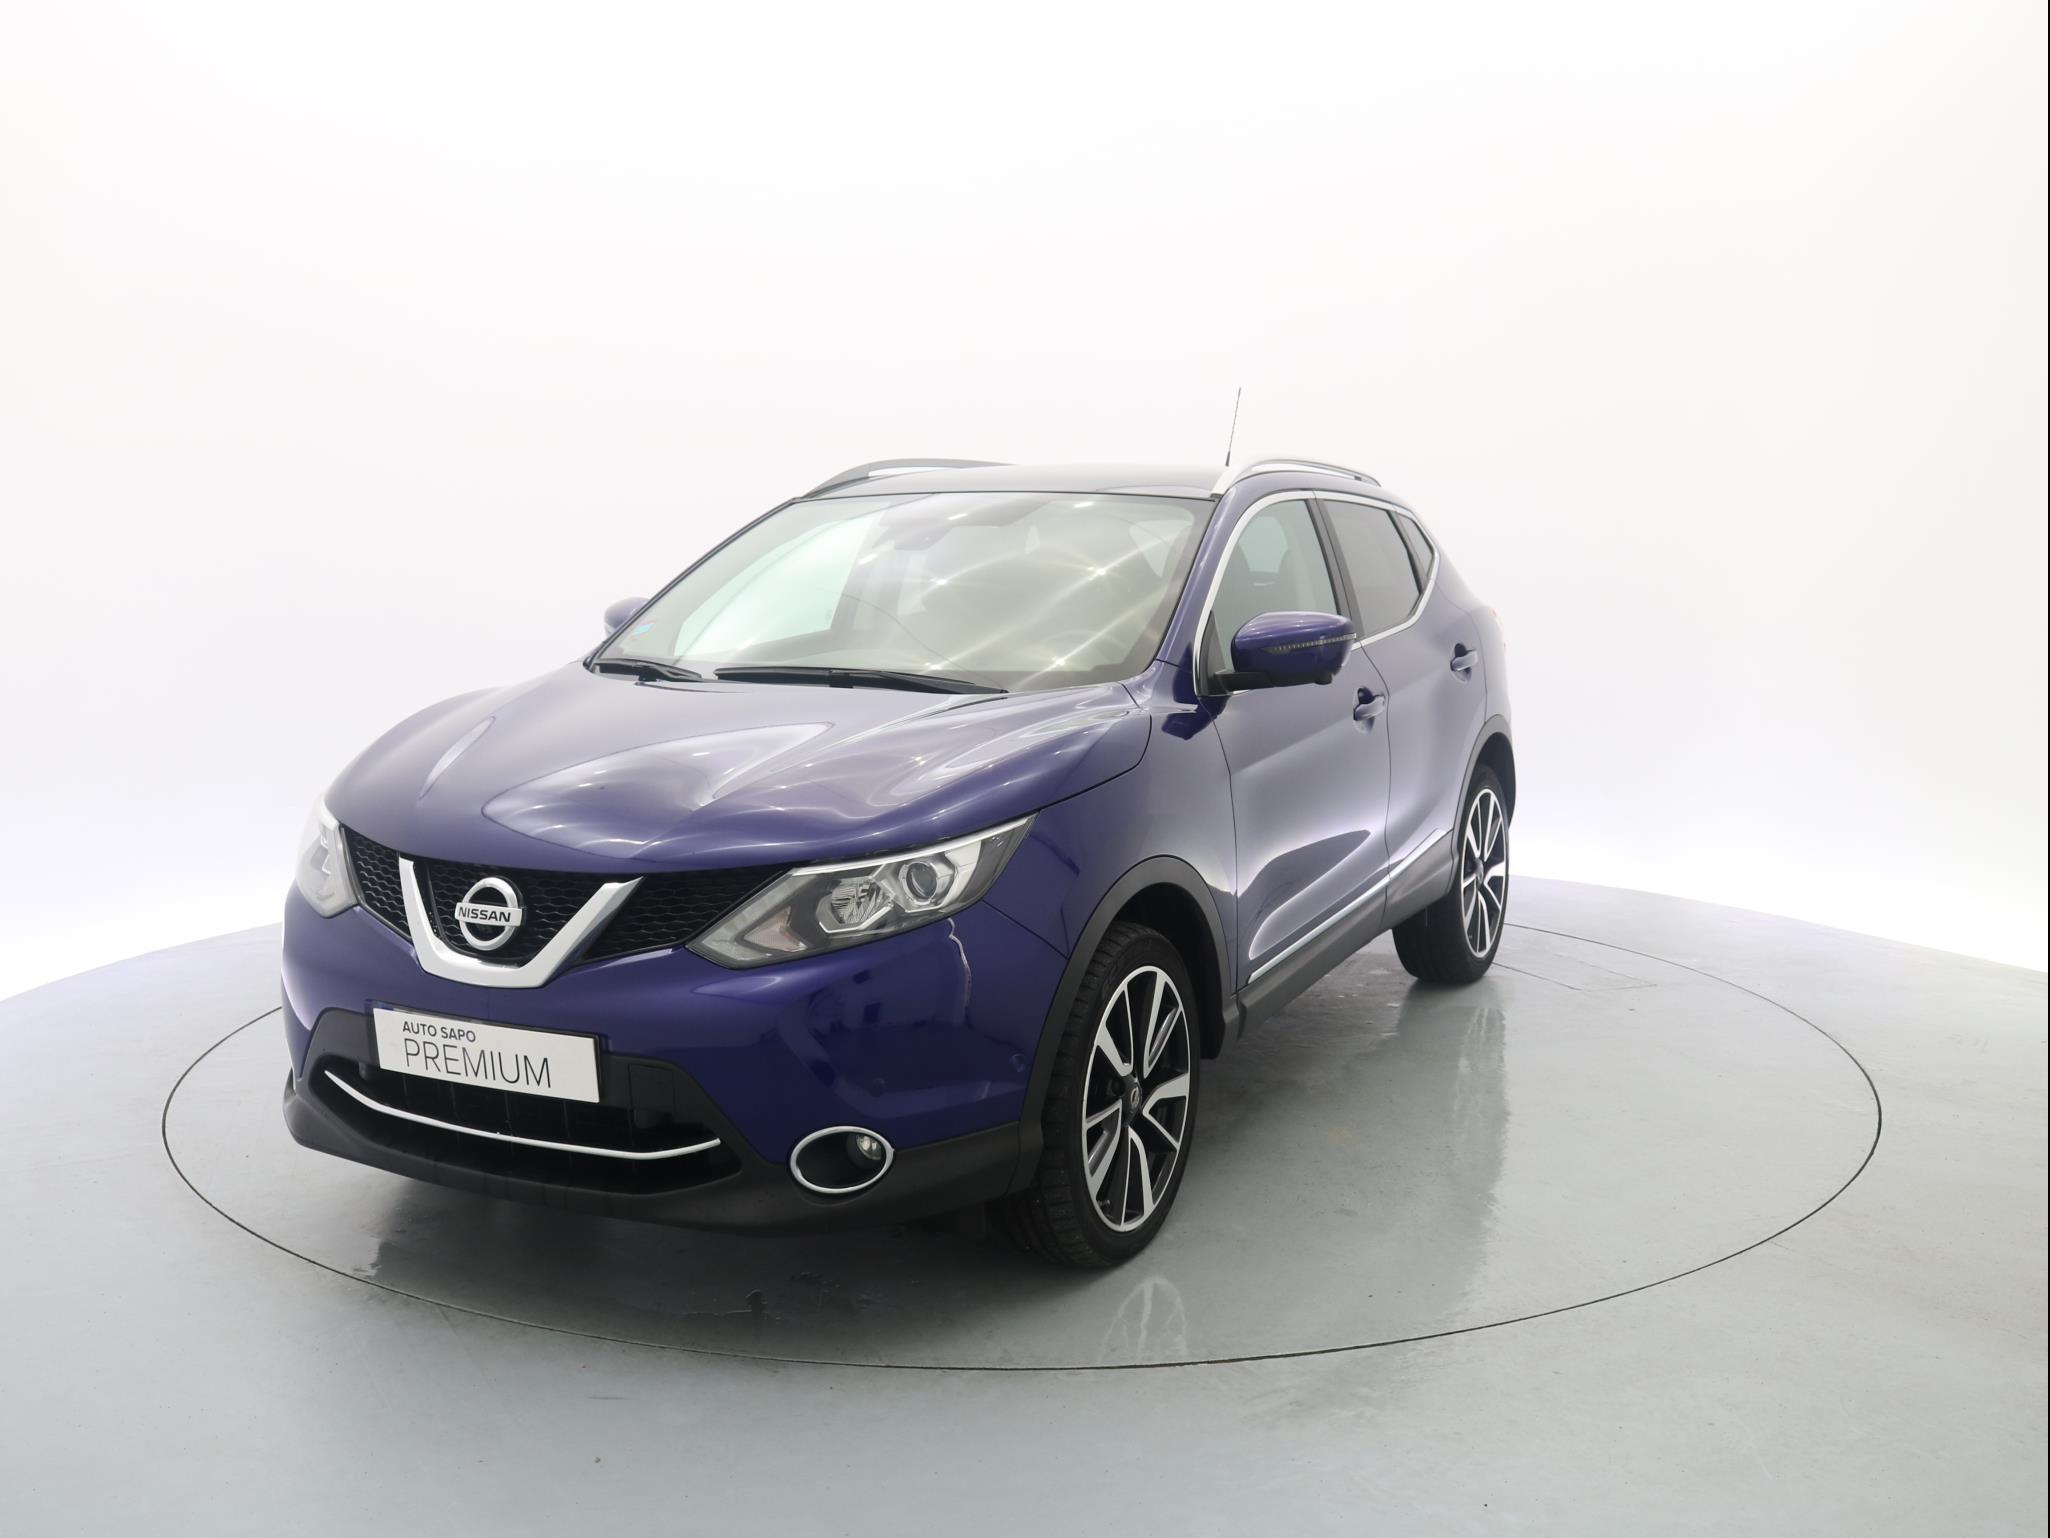 Nissan Qashqai 1.6 dCi Tekna 19 Pele (130cv) (5p) (2015 a presente)